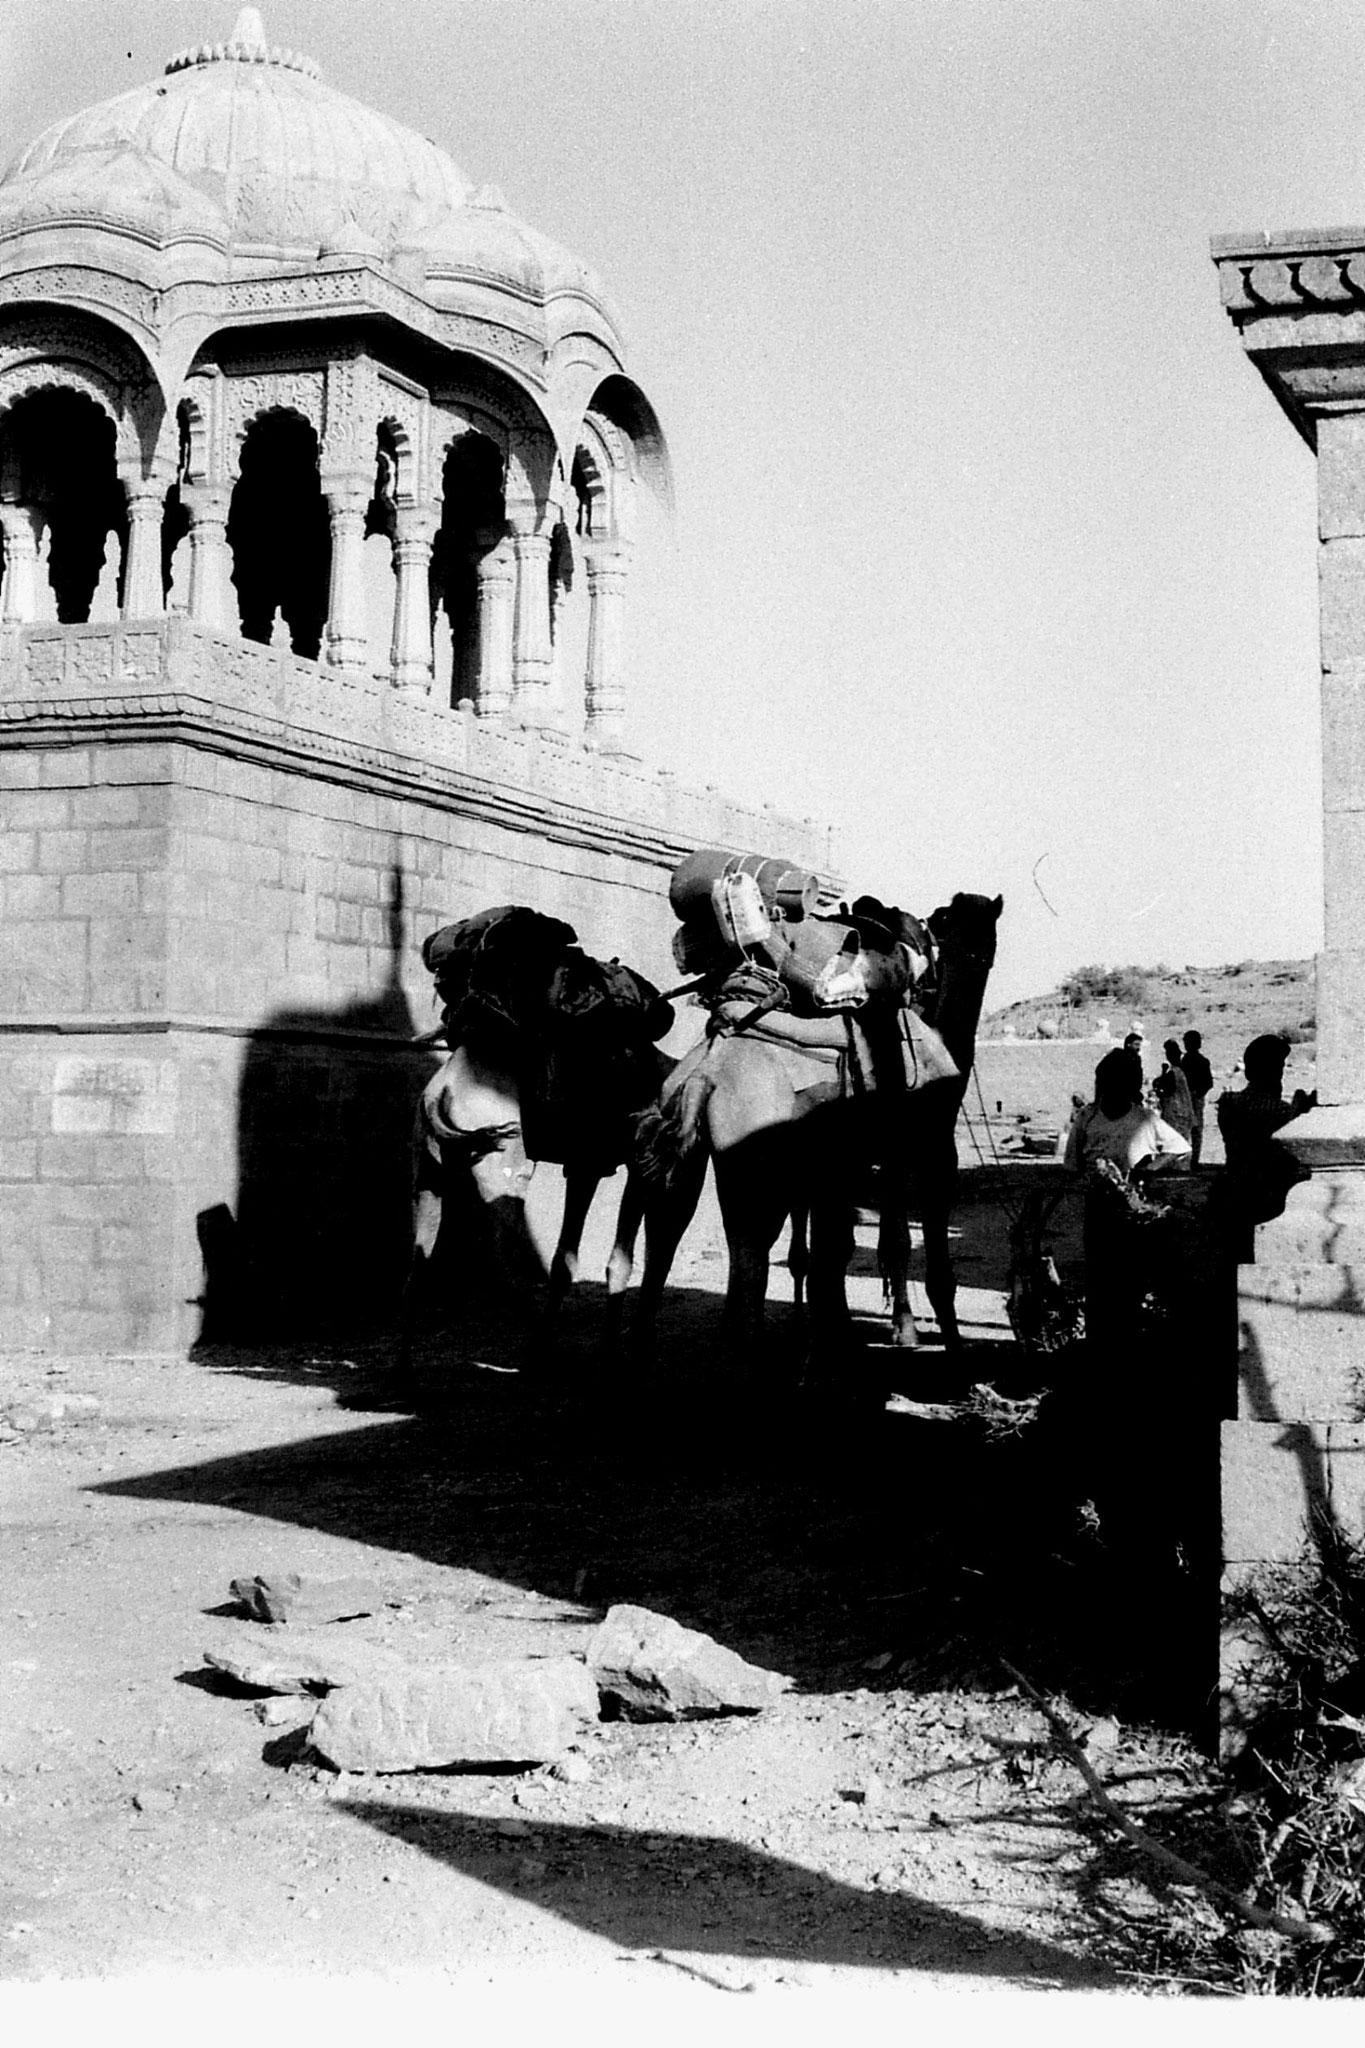 4/12/1989: 2: Jaisalmer camels at centaph